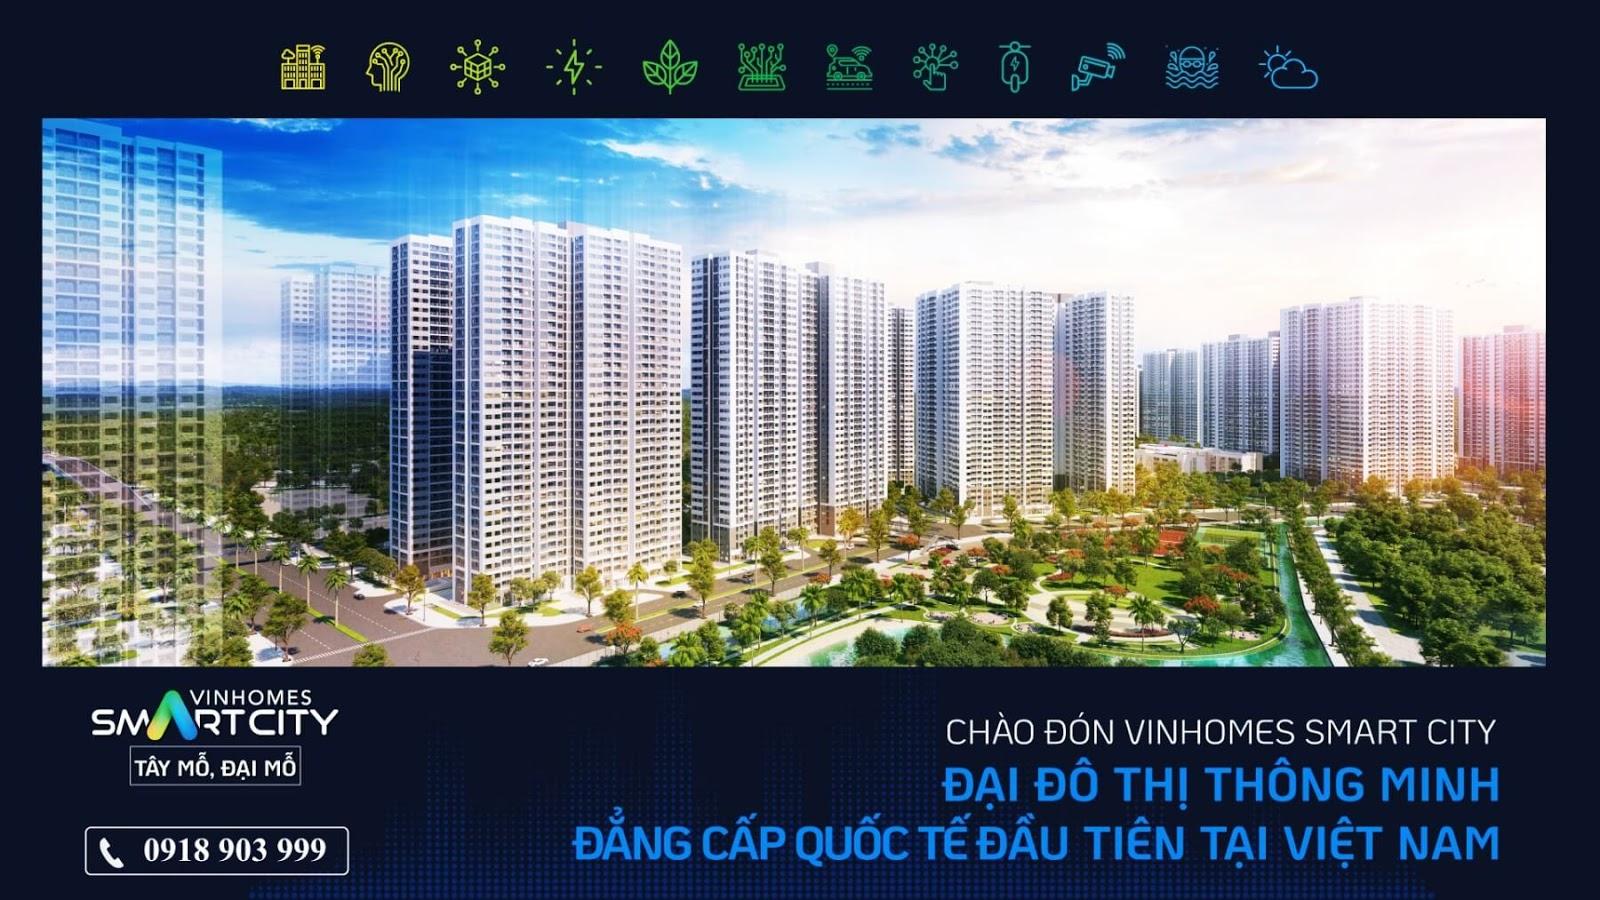 Toàn cảnh đại đô thị thông minh Vinhomes Smart City